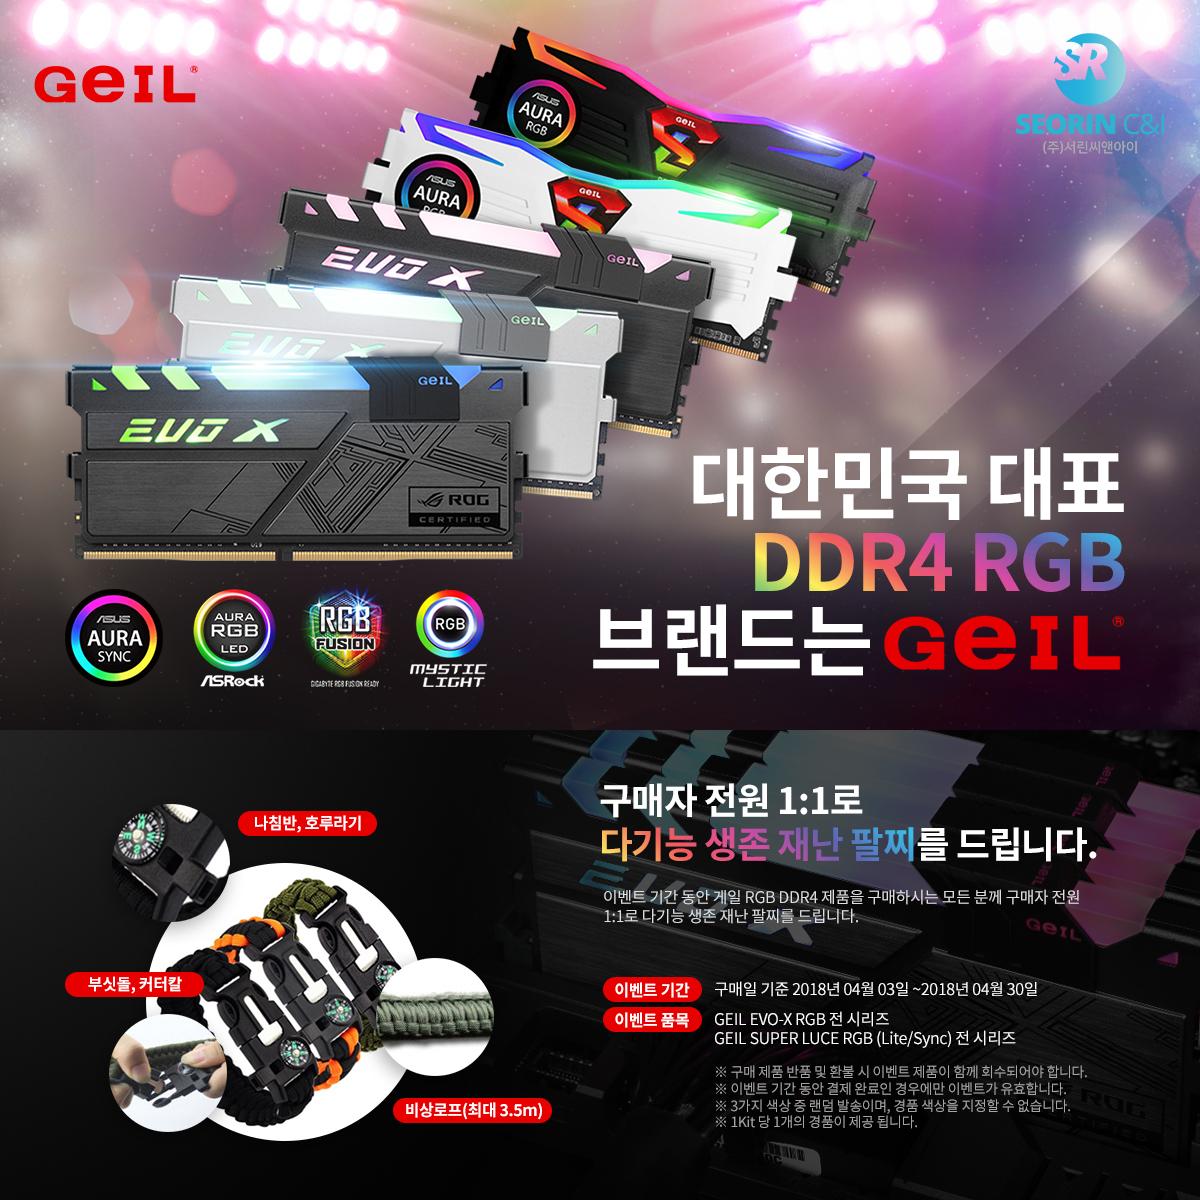 대한민국 대표 DDR4 RGB 브랜드는 GeIL!!!  1:1프로모션!!